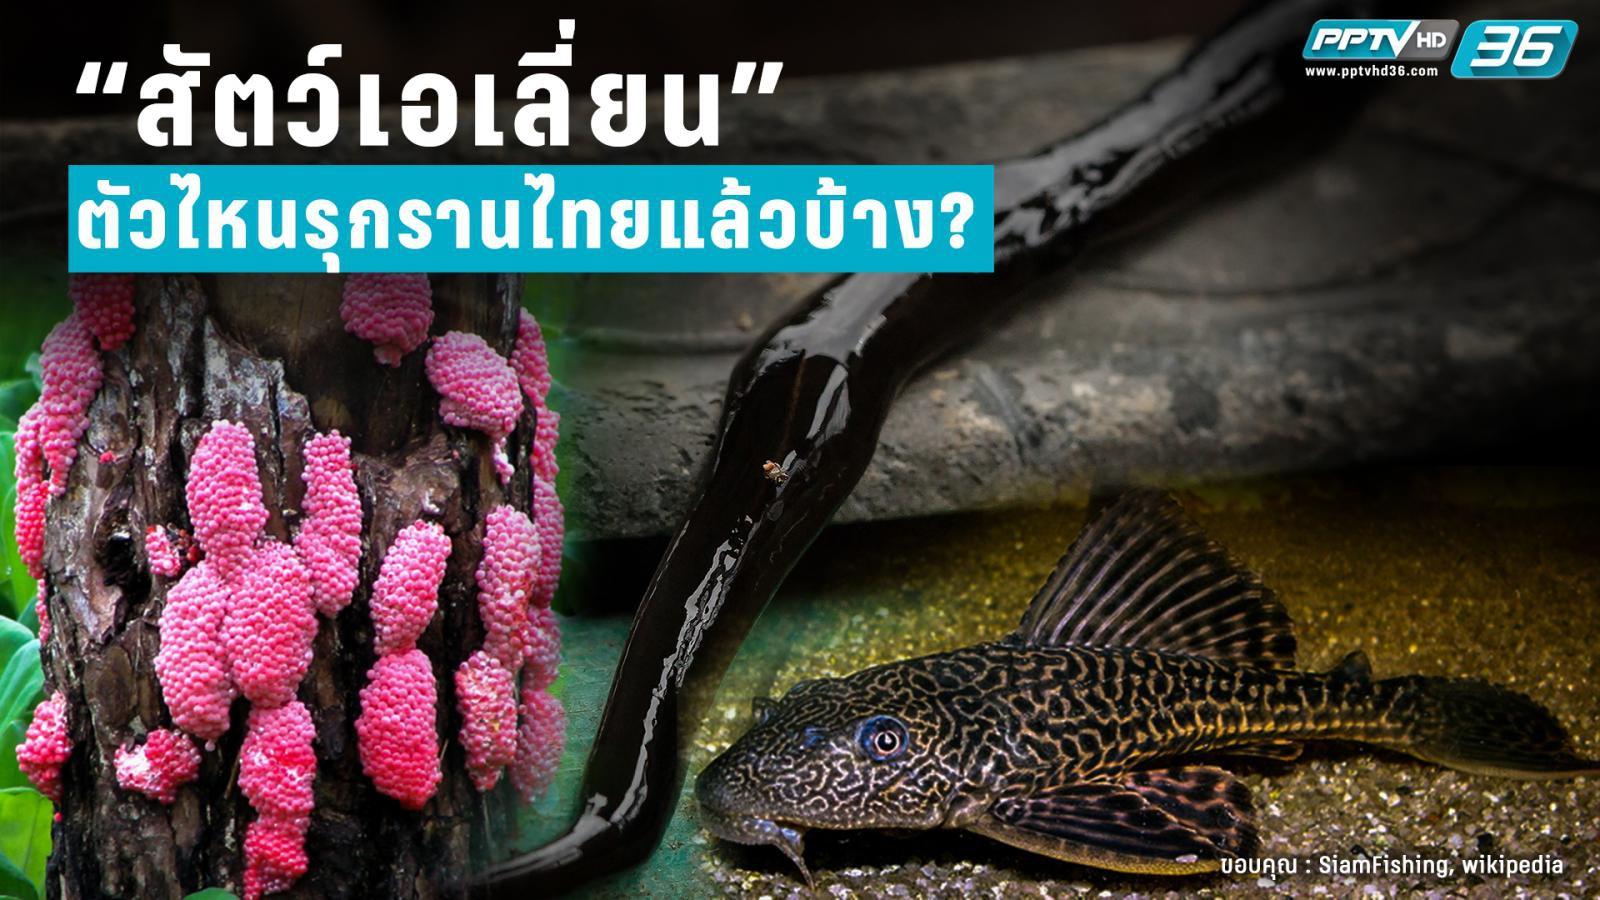 """โฉมหน้า """"สัตว์เอเลี่ยน"""" ที่รุกรานไทย"""